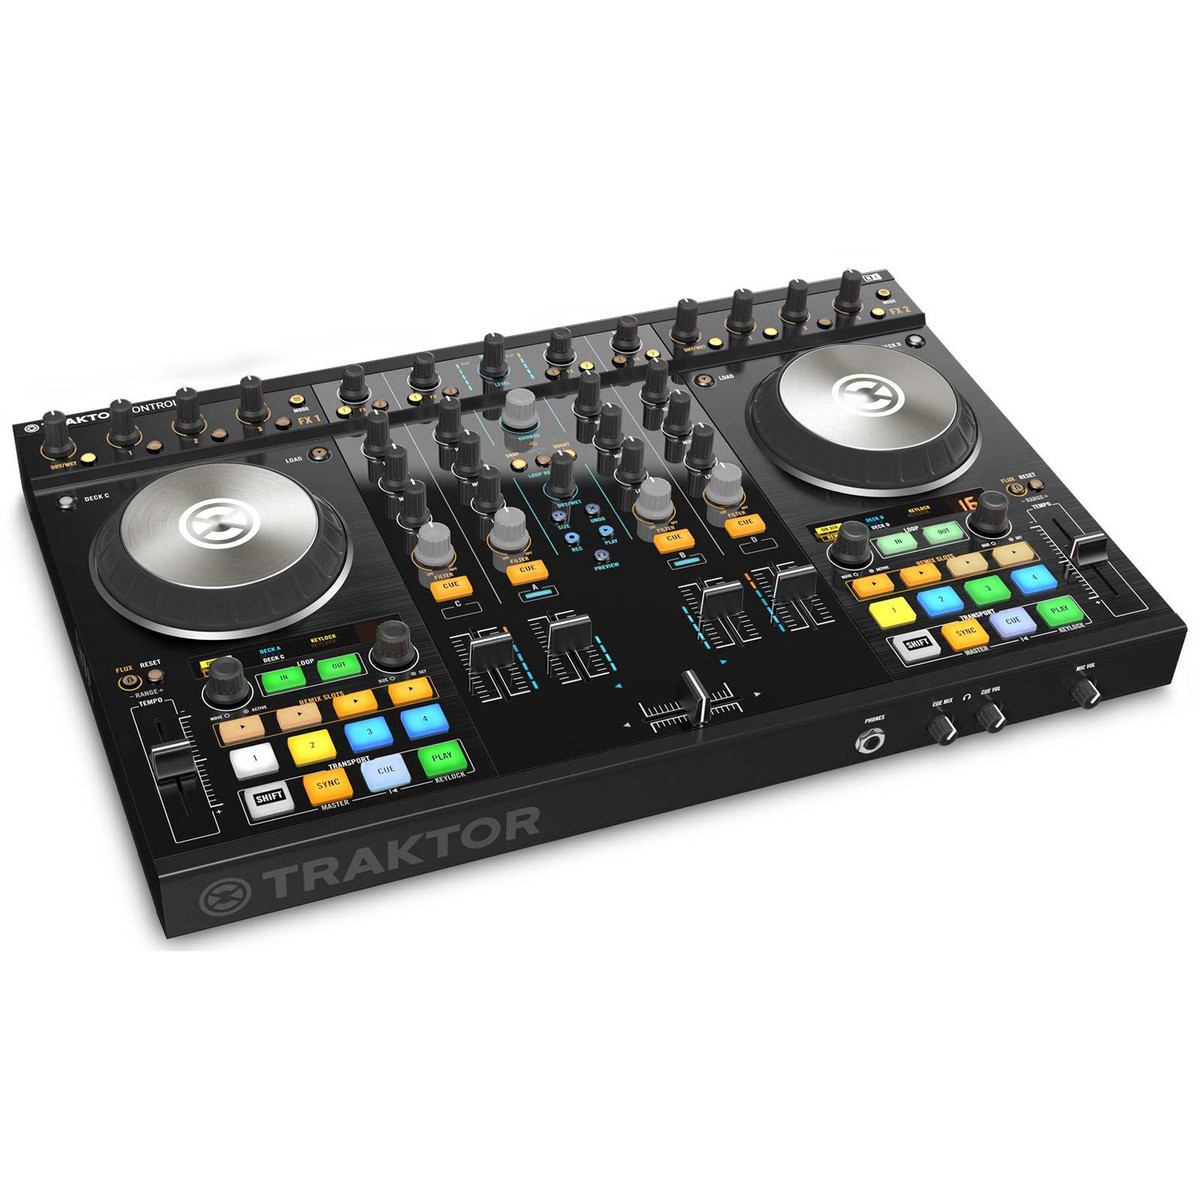 Image of Native Instruments Traktor Kontrol S4 MK2 DJ Controller